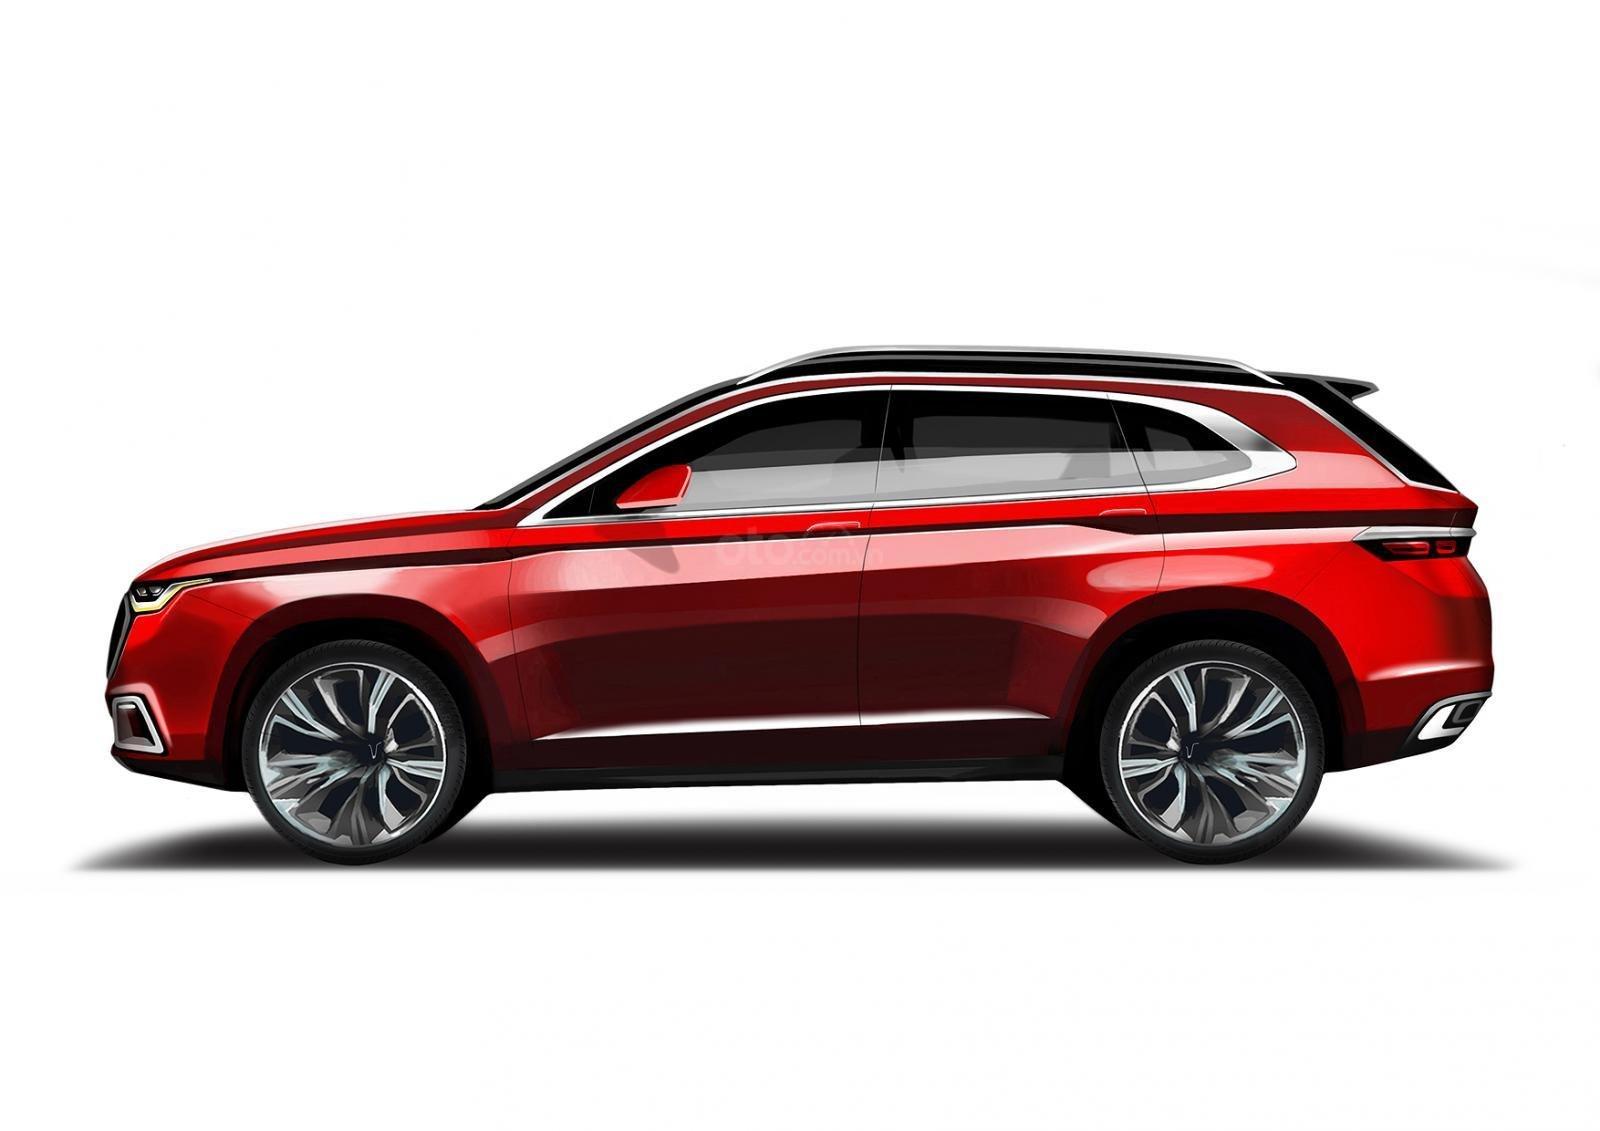 Cần bán xe VinFast LUX SA2.0 bản tiêu chuẩn màu đỏ (1)